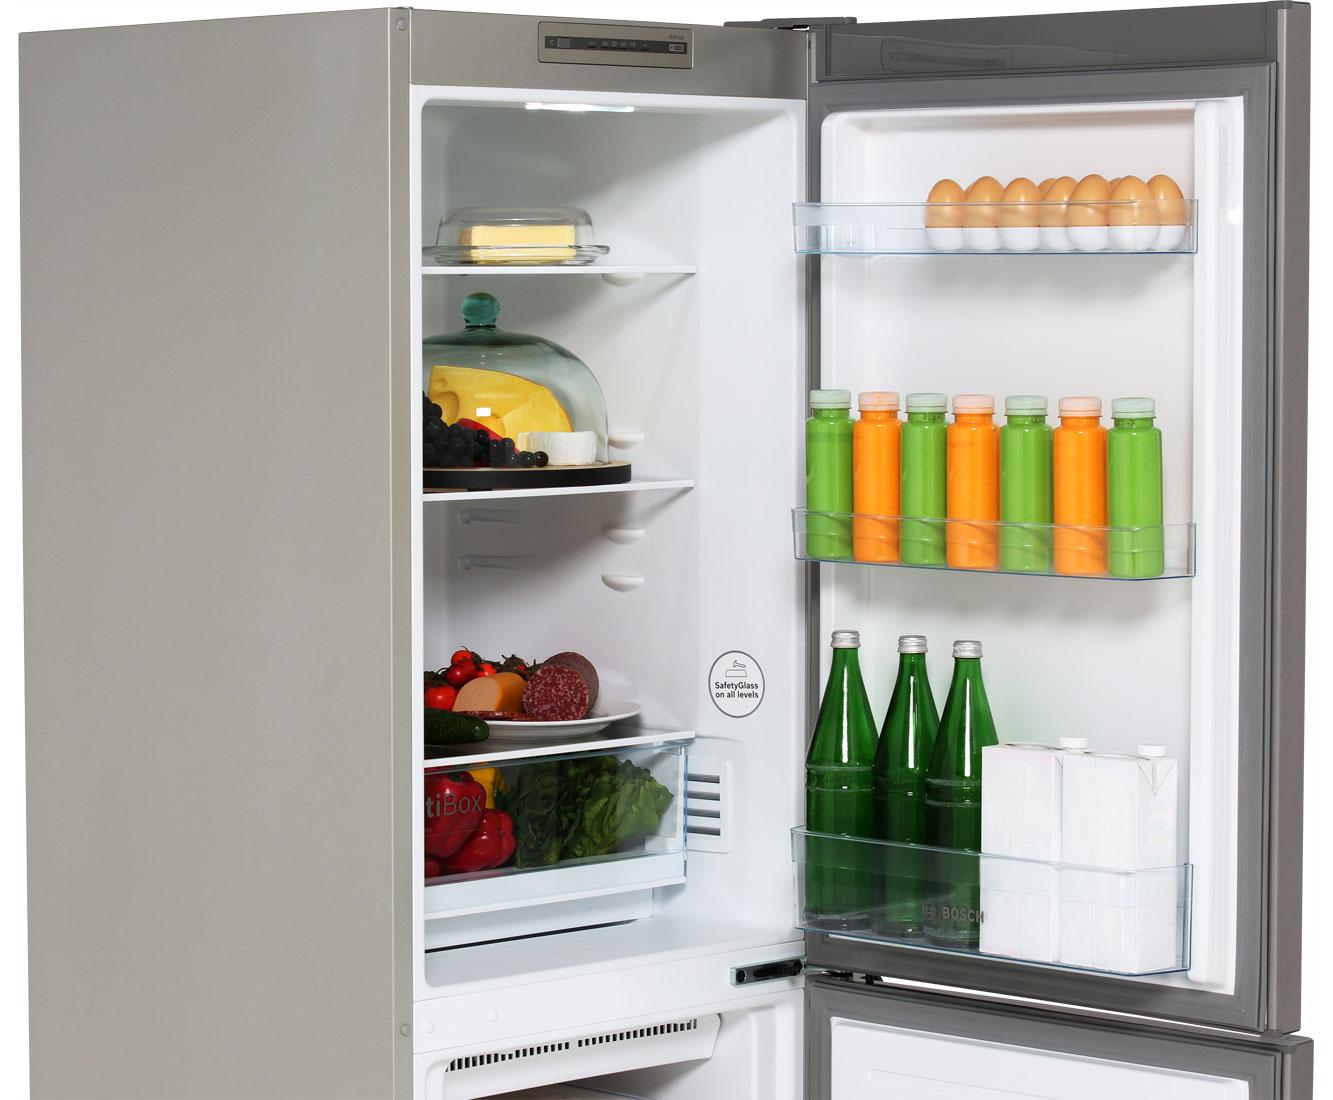 Bosch Kühlschrank Laut : Bosch kühlschrank brummt laut kühlschrank gefrierschrank